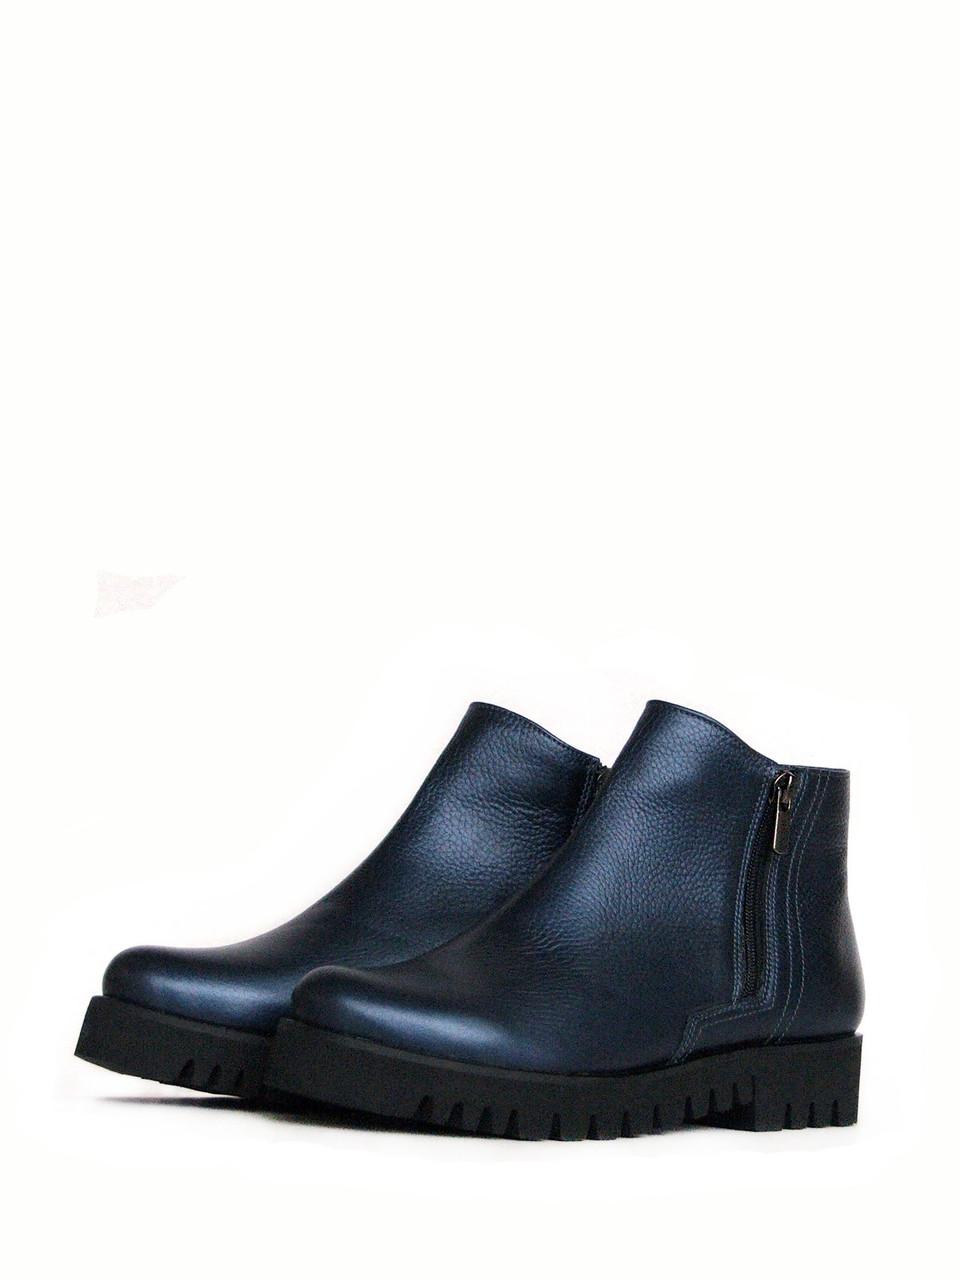 Ботинки синие зимние